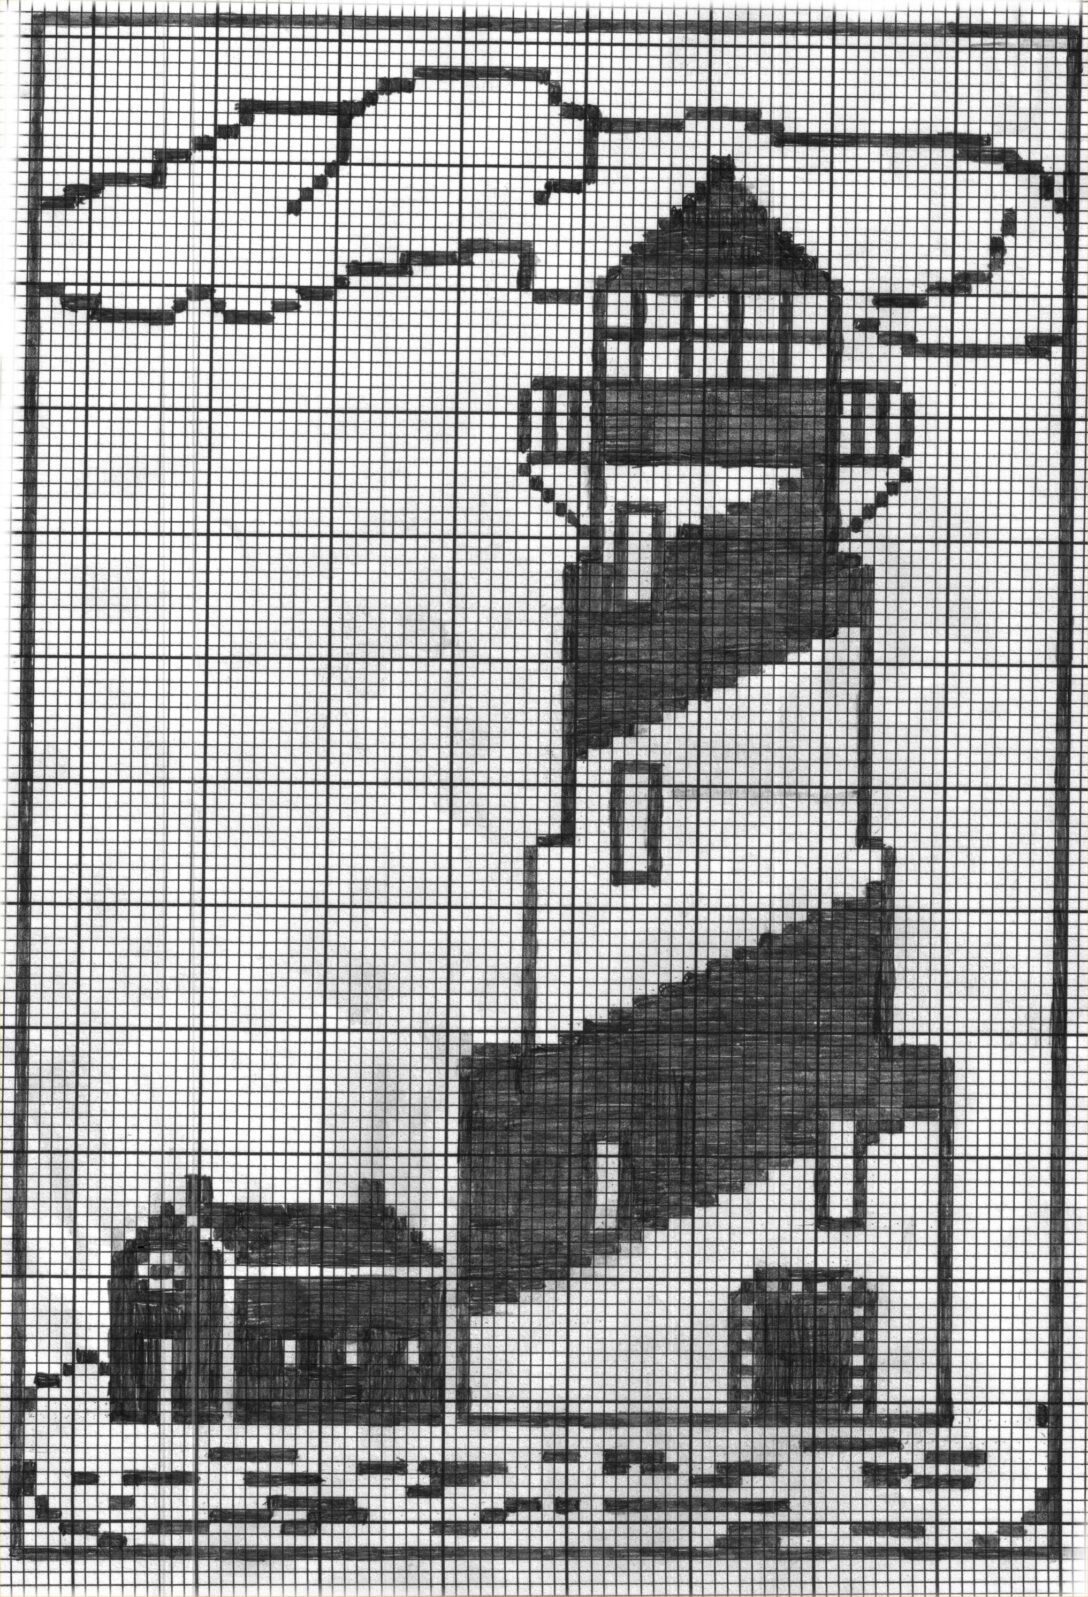 Large Size of Häkelmuster Gardine Lighthouse3jpg 20332985 With Images Filet Crochet Charts Gardinen Für Die Küche Wohnzimmer Schlafzimmer Scheibengardinen Fenster Wohnzimmer Häkelmuster Gardine